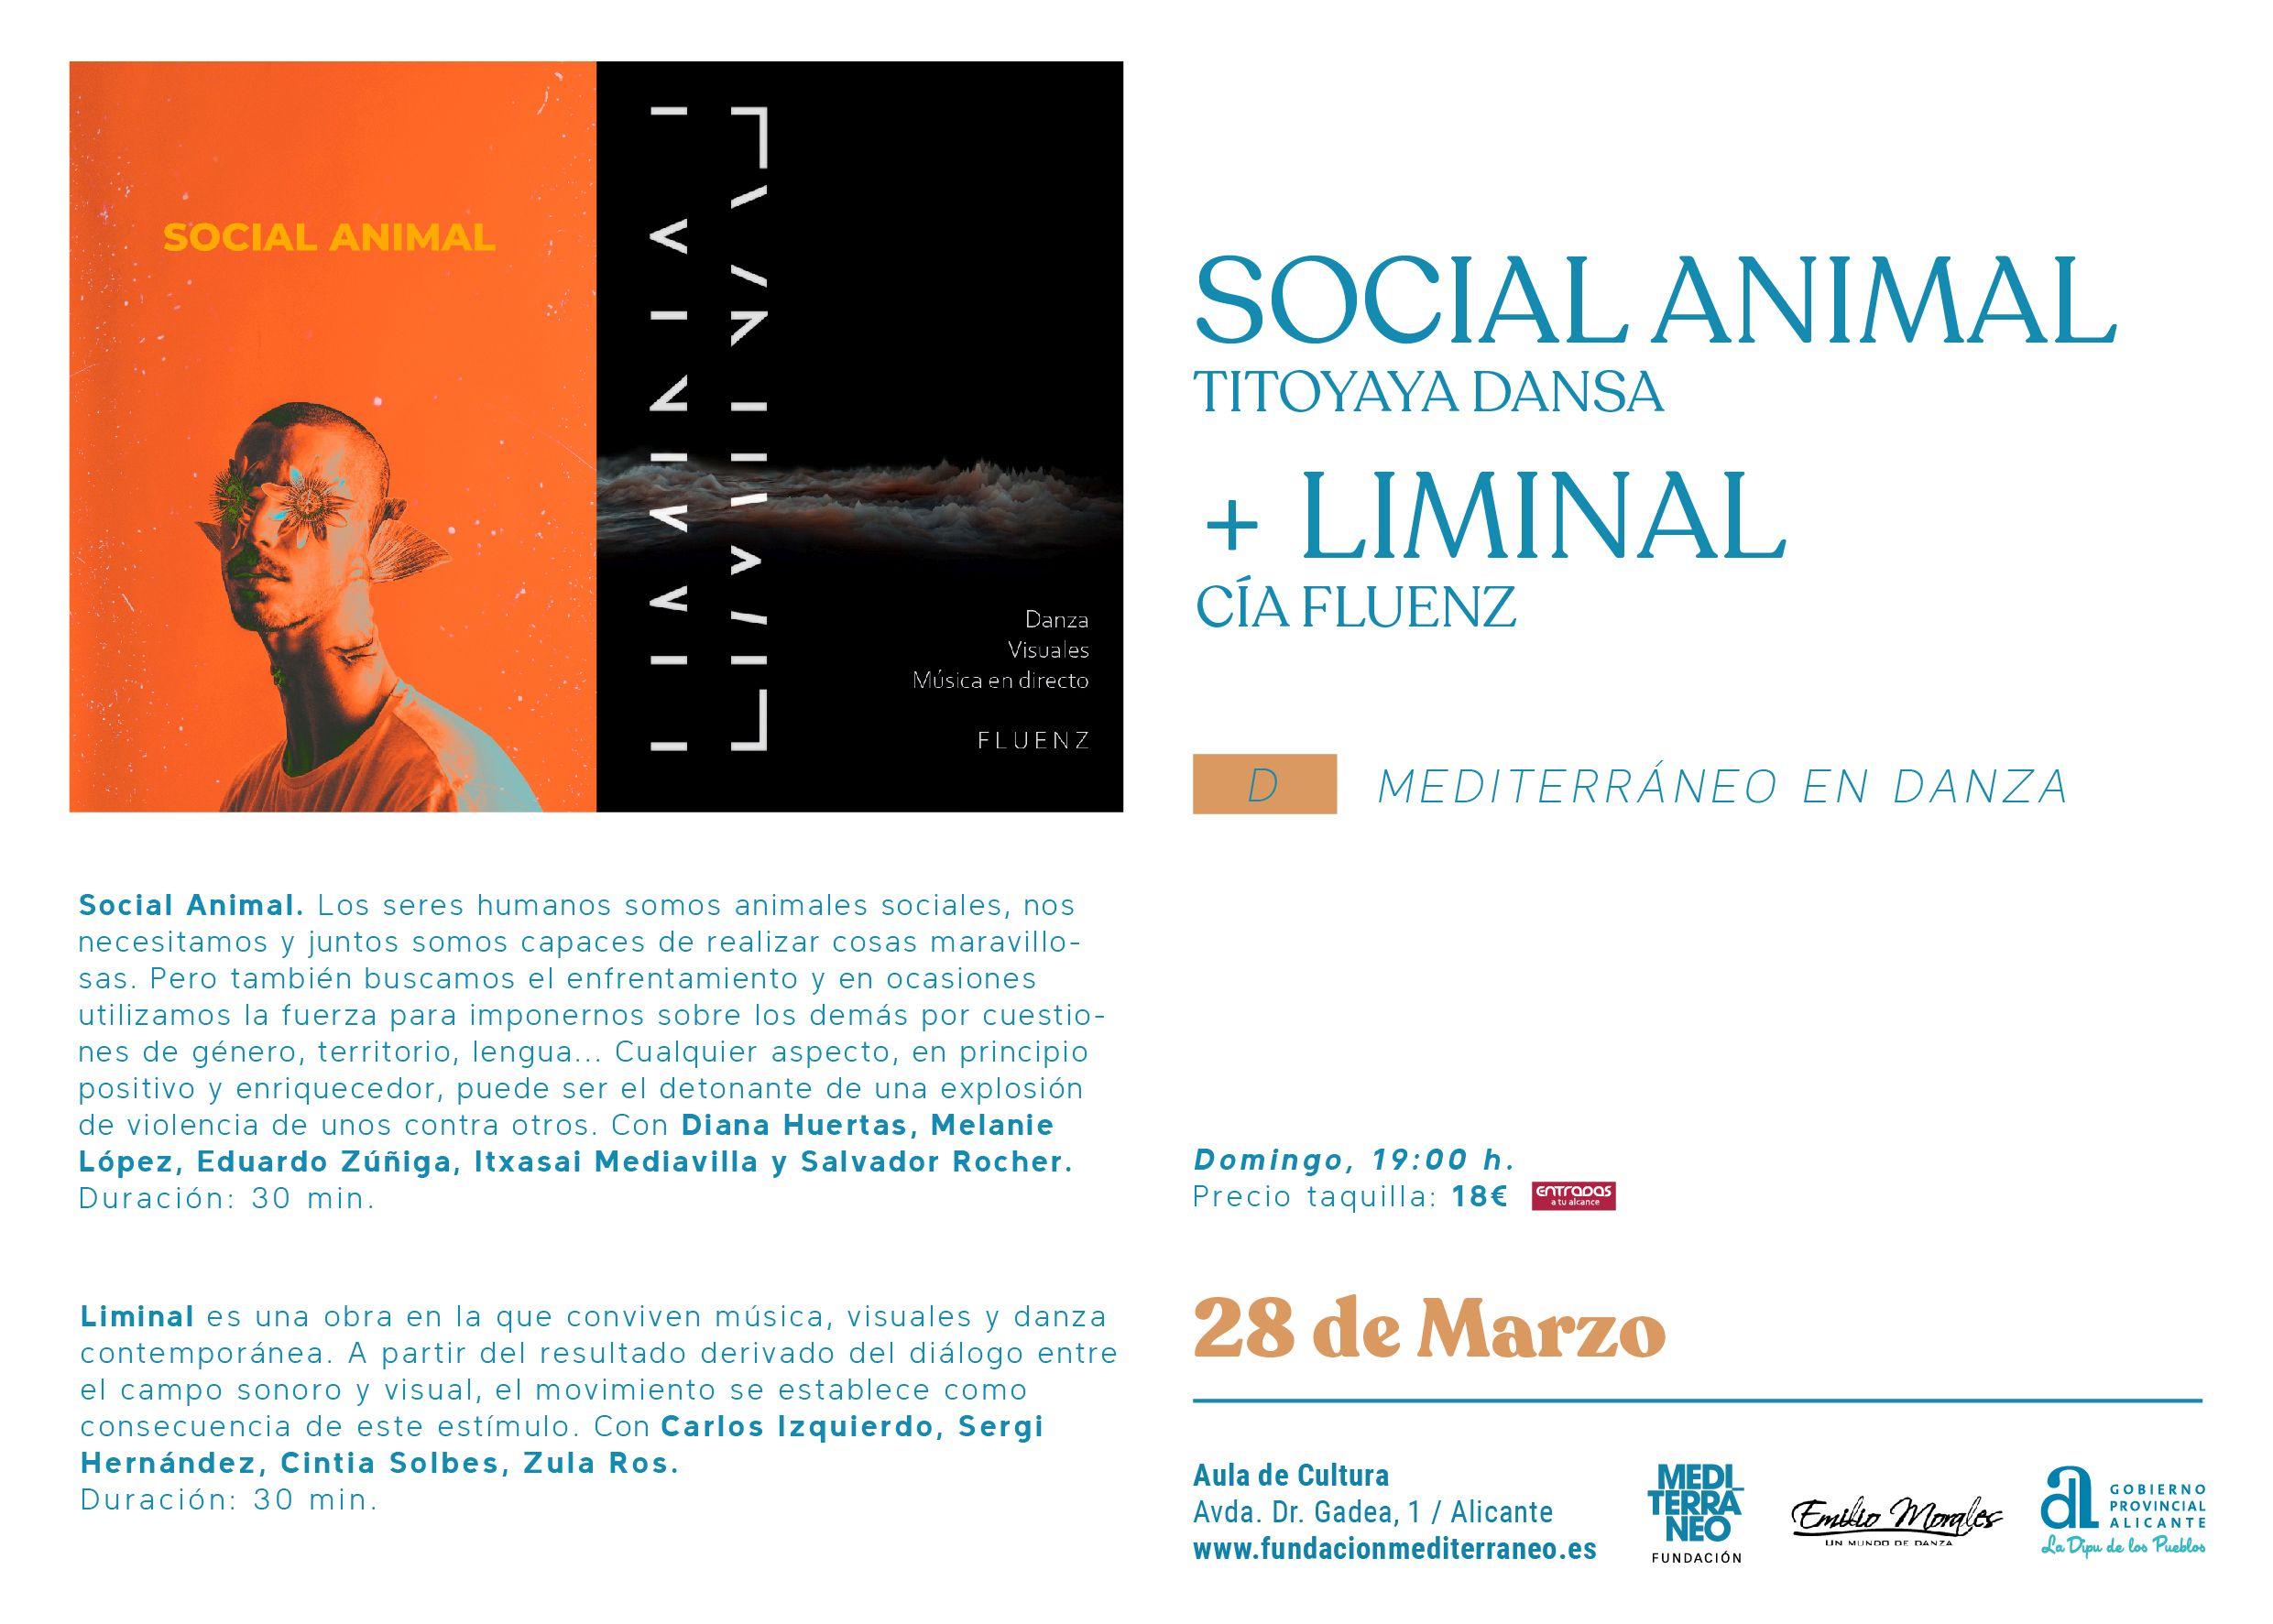 mediterraneo-en-danza-social-animal-liminal-602a9e03e0e6a.jpeg